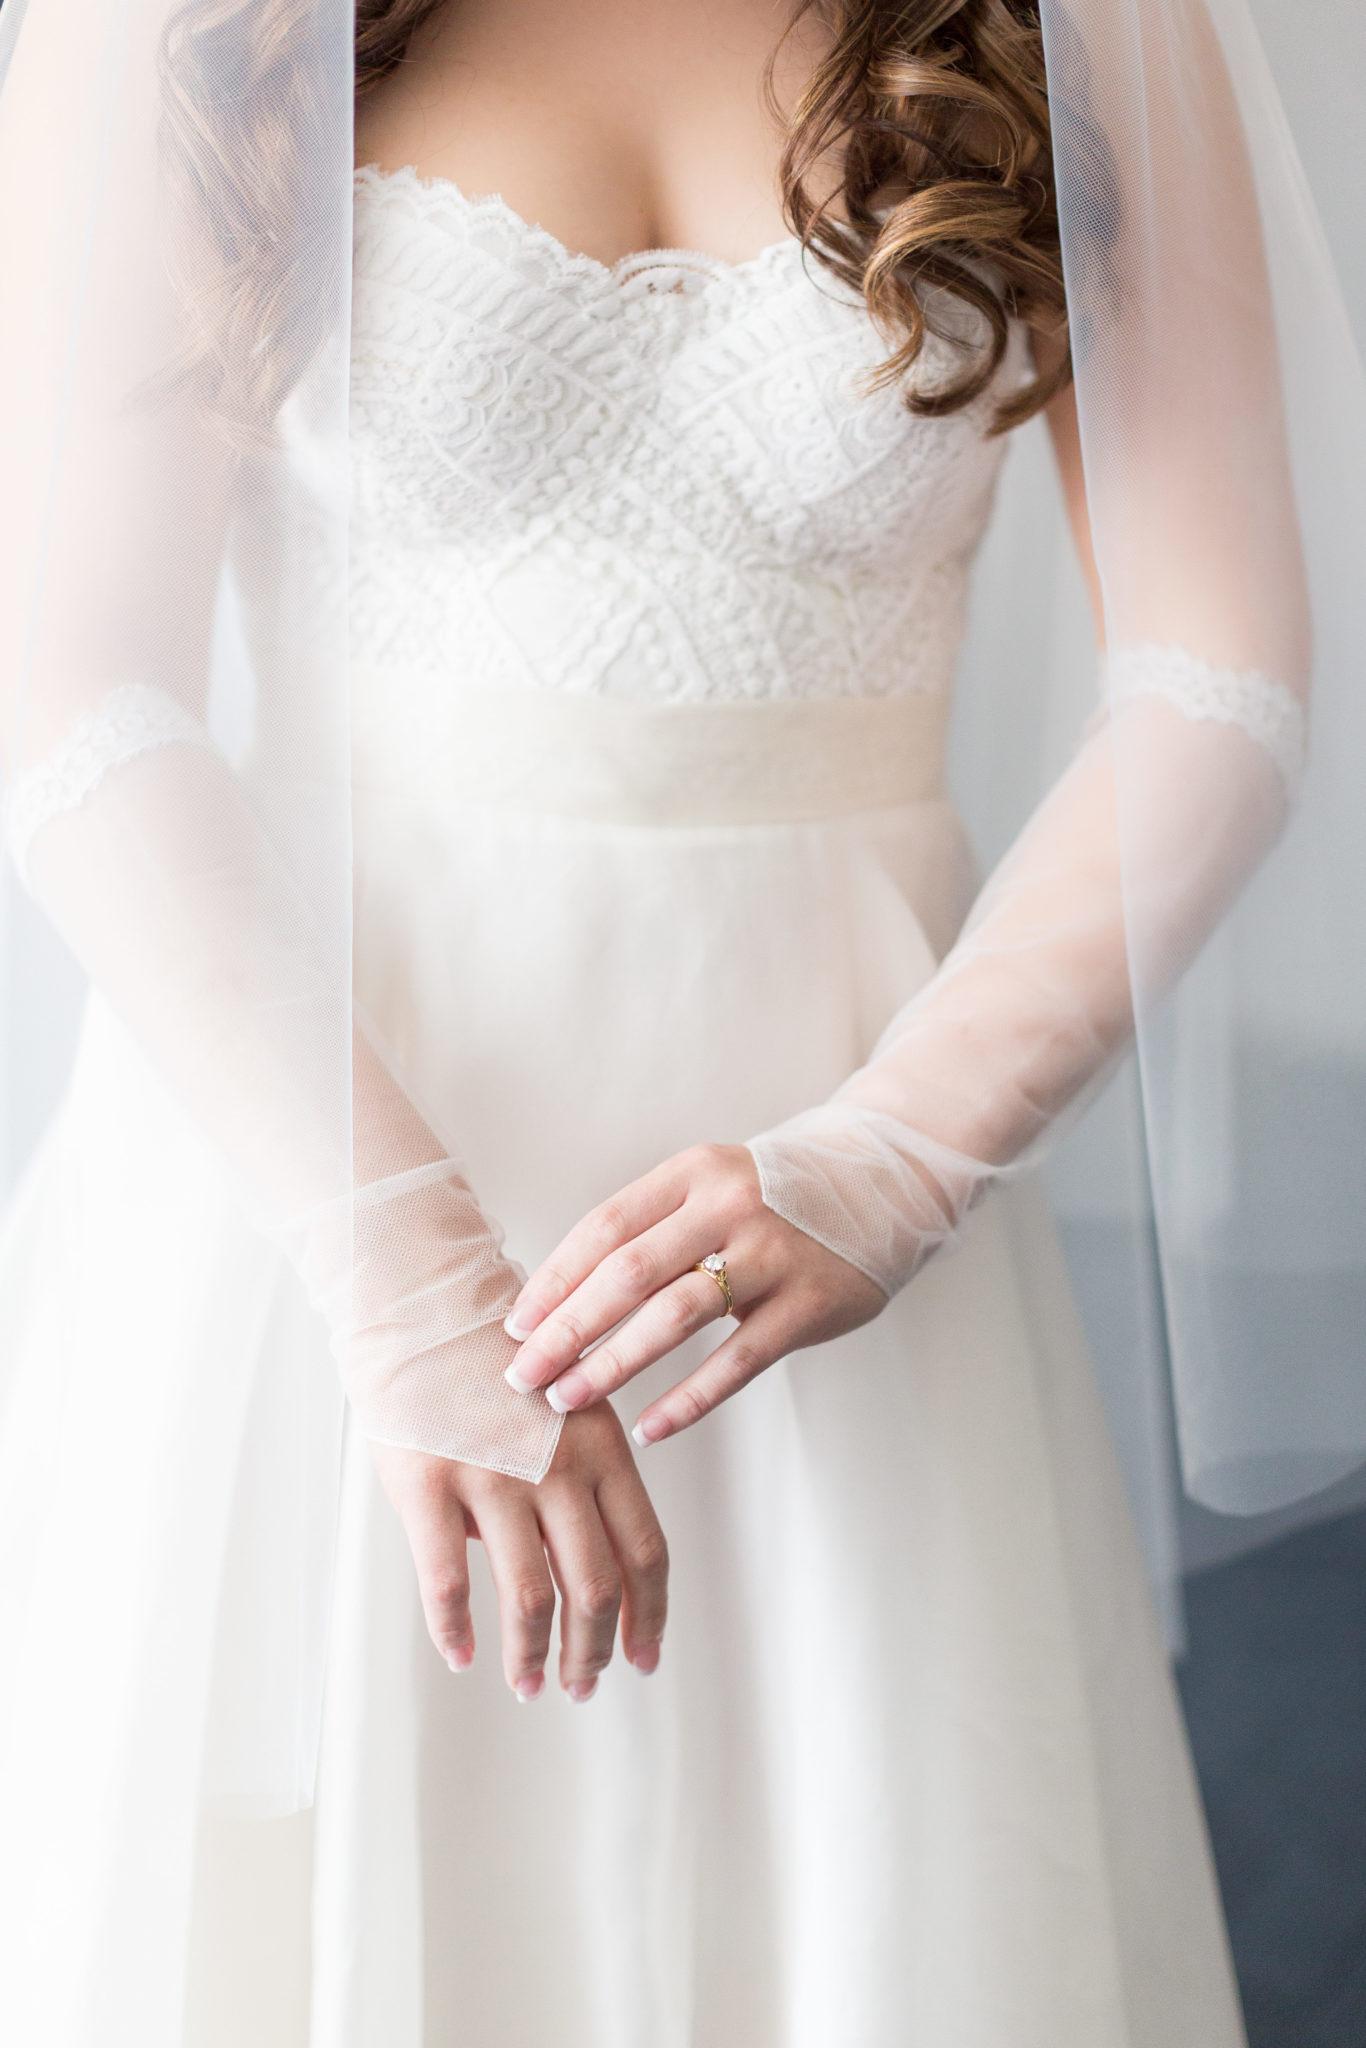 San-Francisco-Wedding-Photographer-1-e1473117448833-1366x2048.jpg